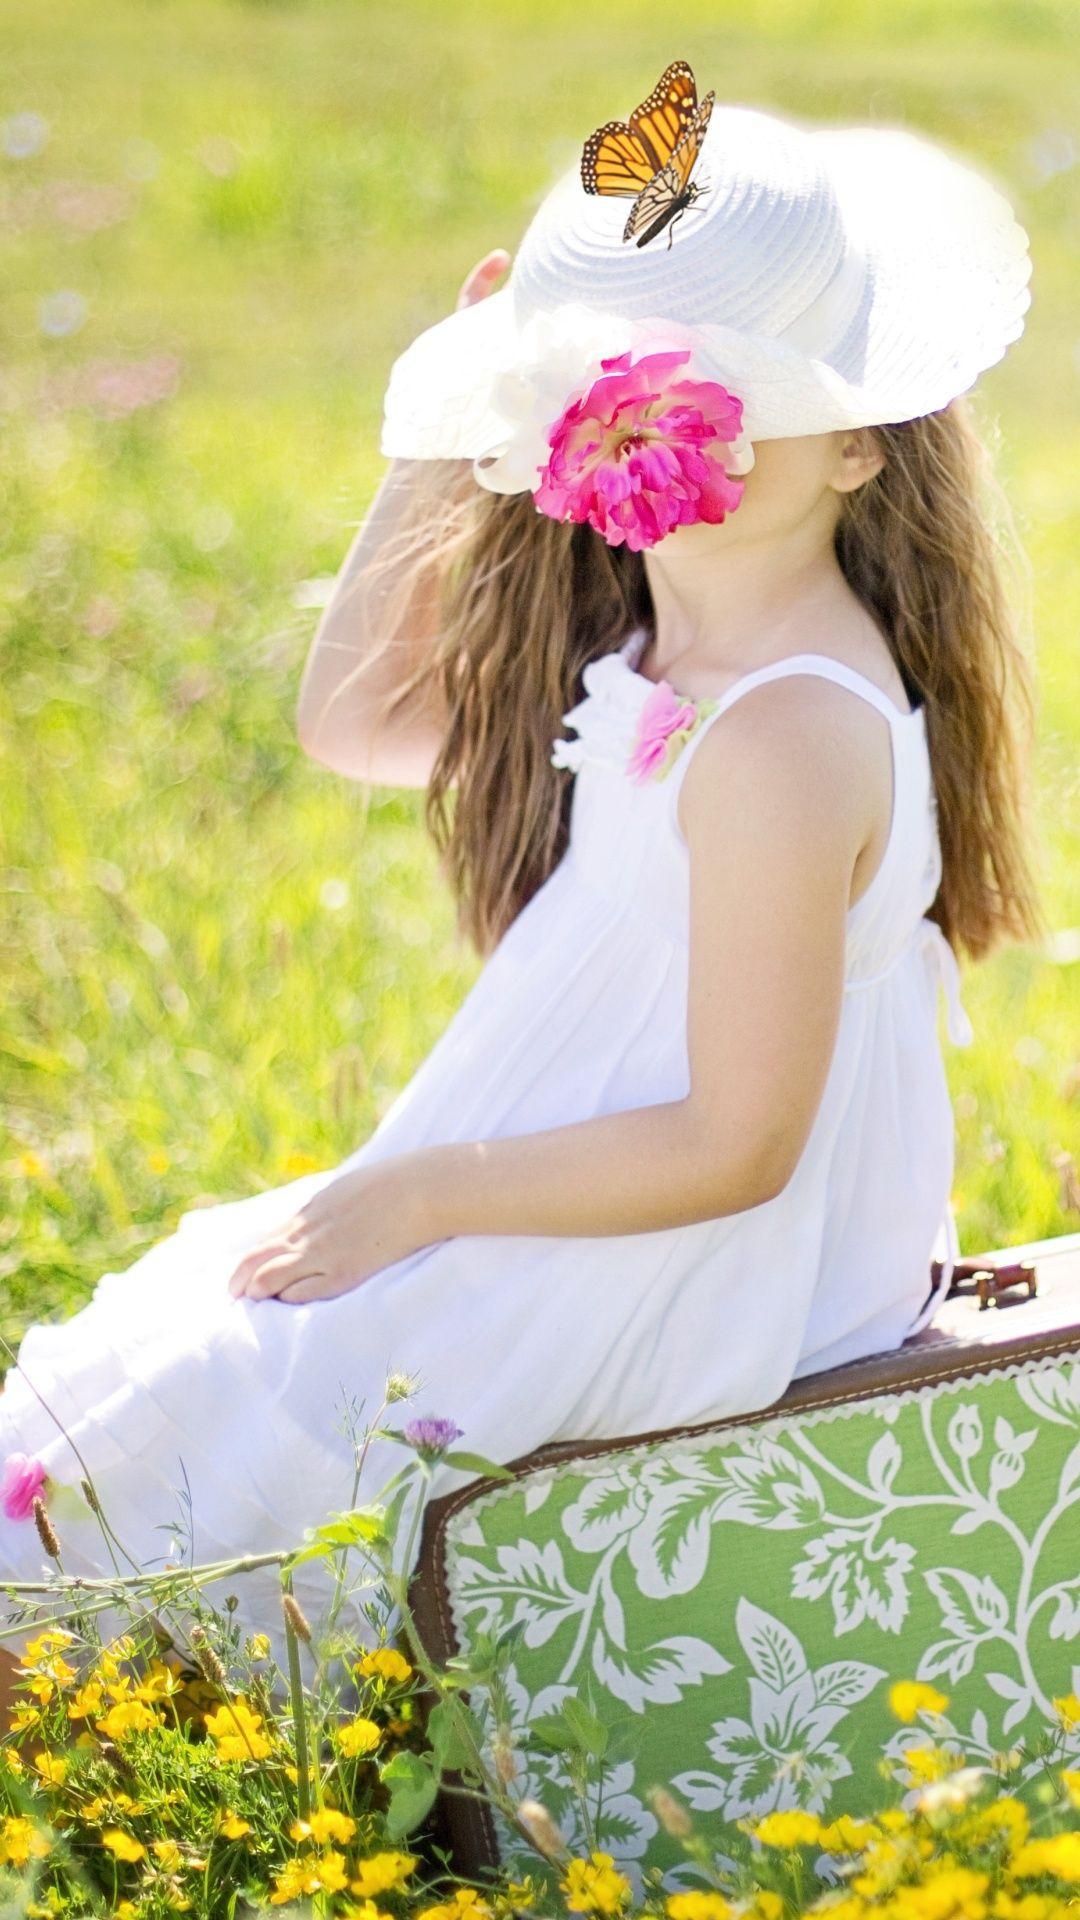 1080x1920 White Dress Girl Summer Field Butterfly Wallpaper - 1080x1920